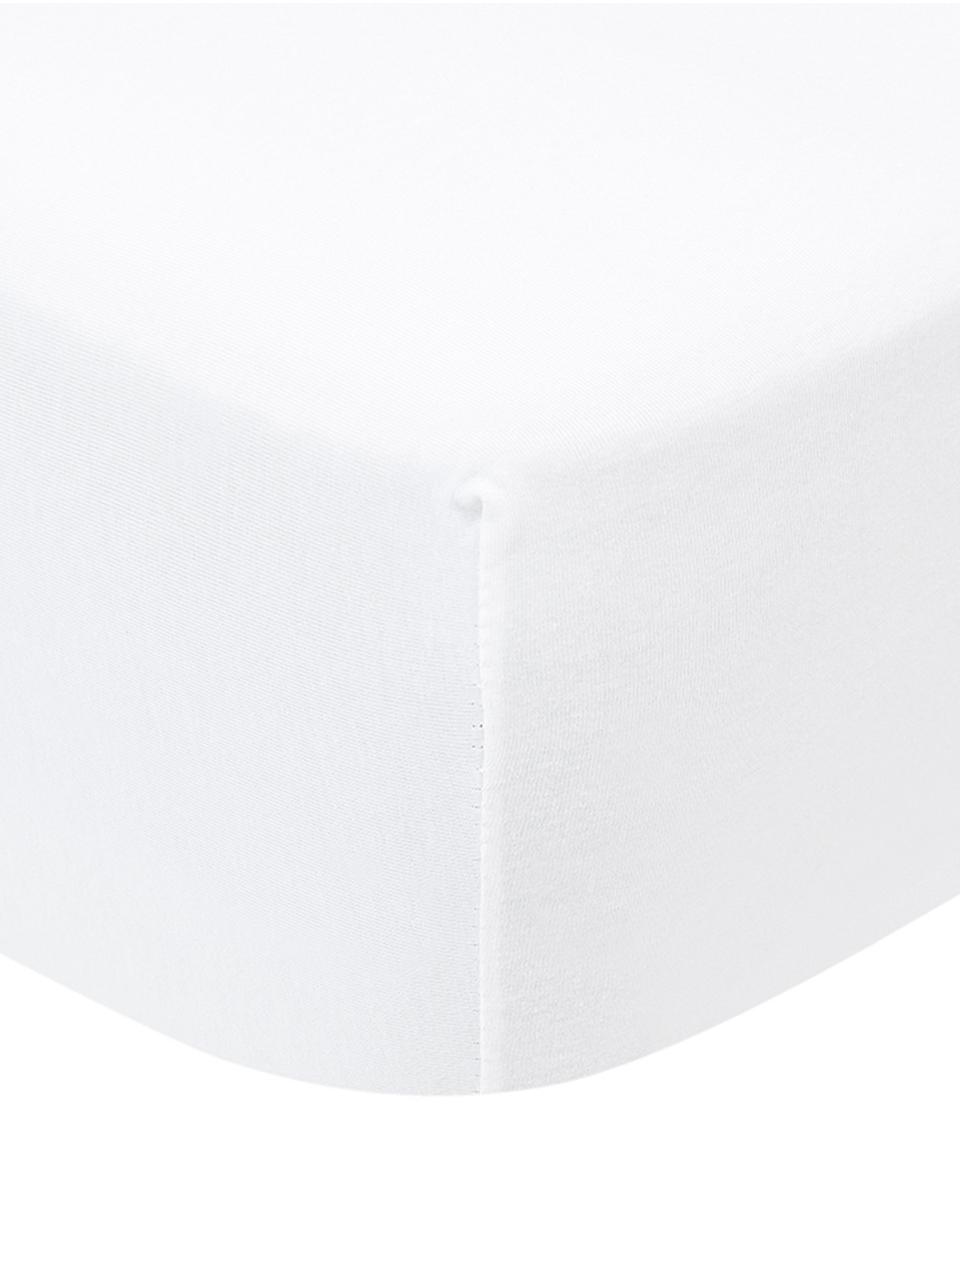 Prześcieradło na łóżko kontynentalne z gumką z jerseyu Lara, 95% bawełna, 5% elastan, Biały, S 180 x D 200 cm